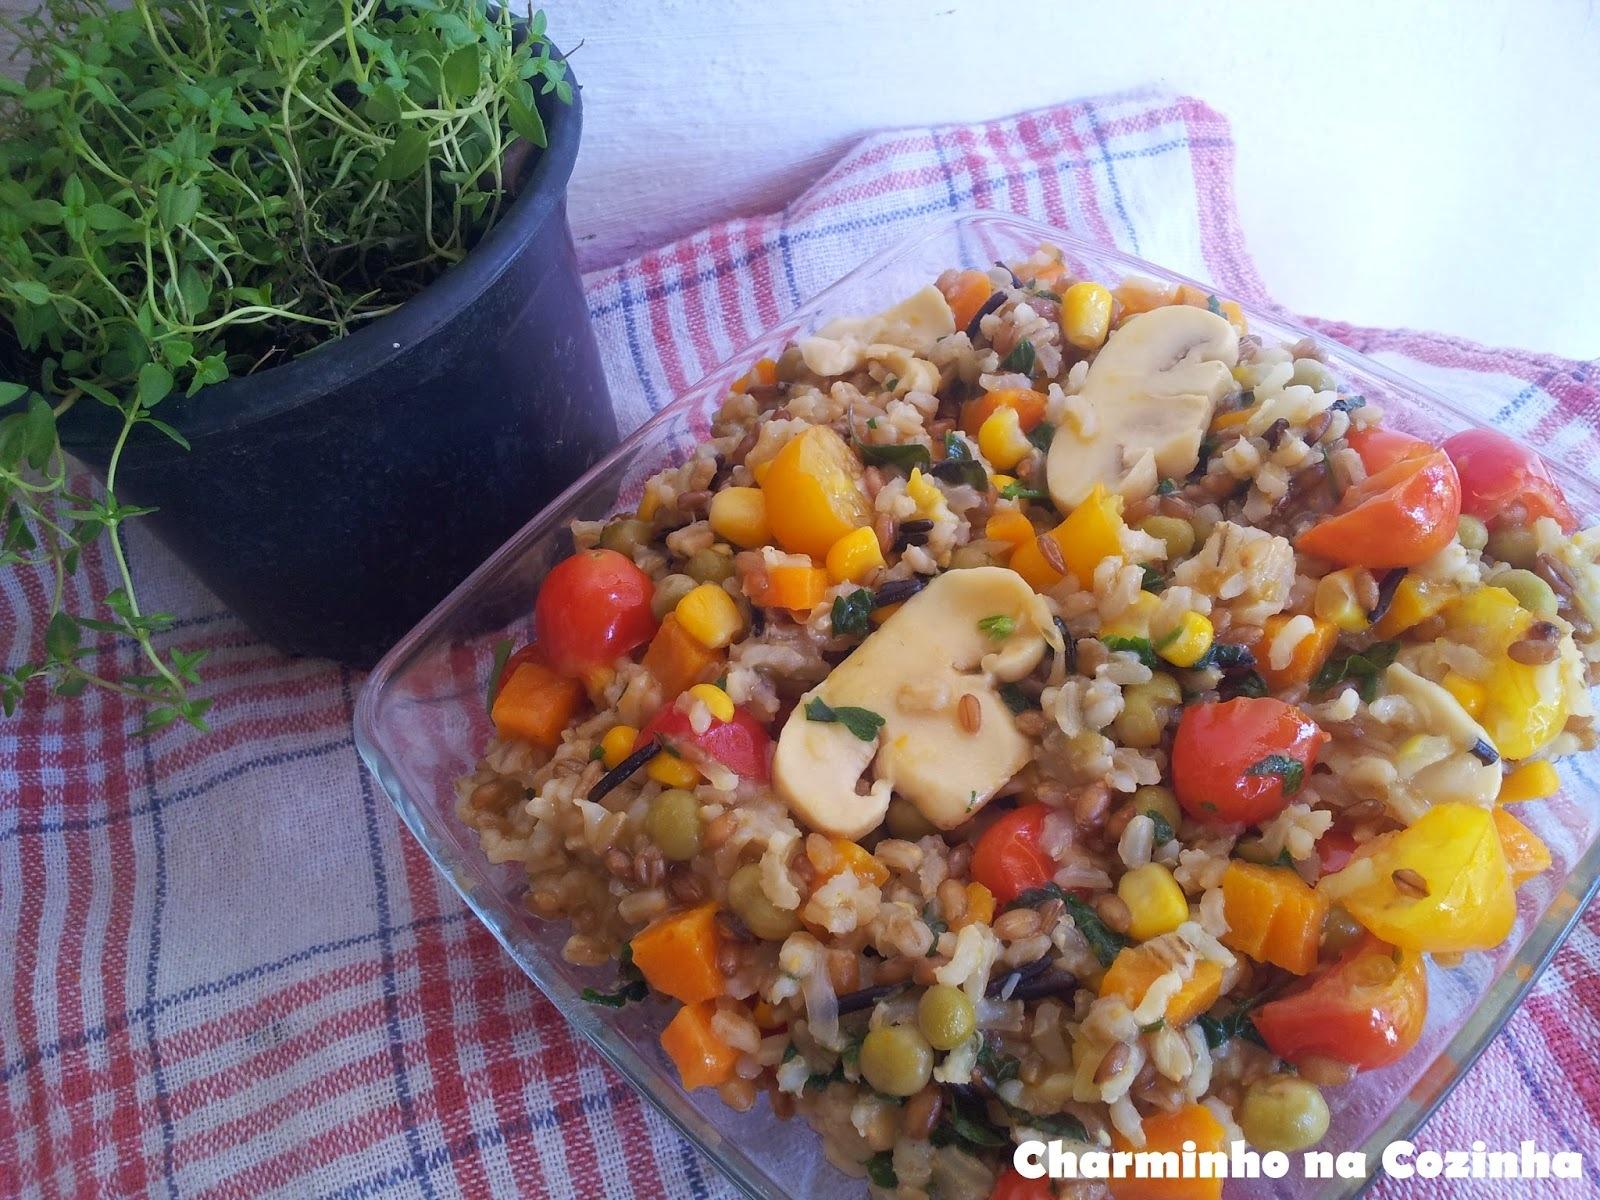 Salada  primavera com arroz 7 cereais